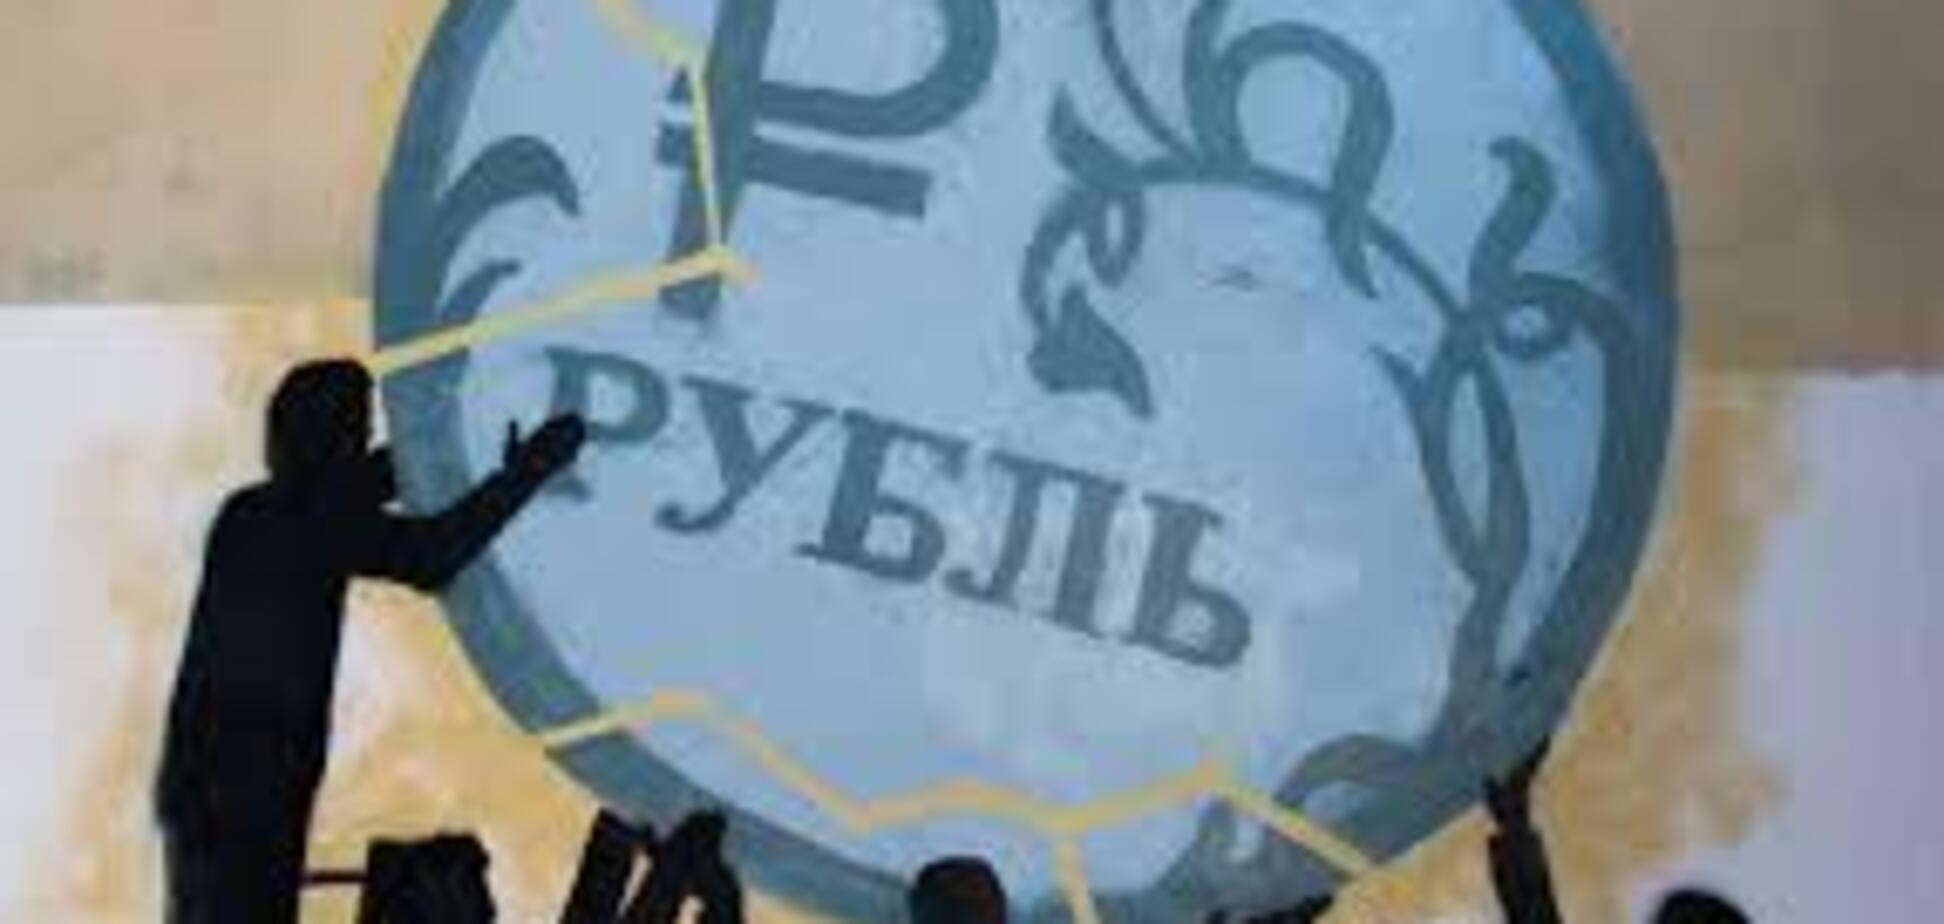 Денег хватит на полтора-два года: эксперт дал неутешительный прогноз для России